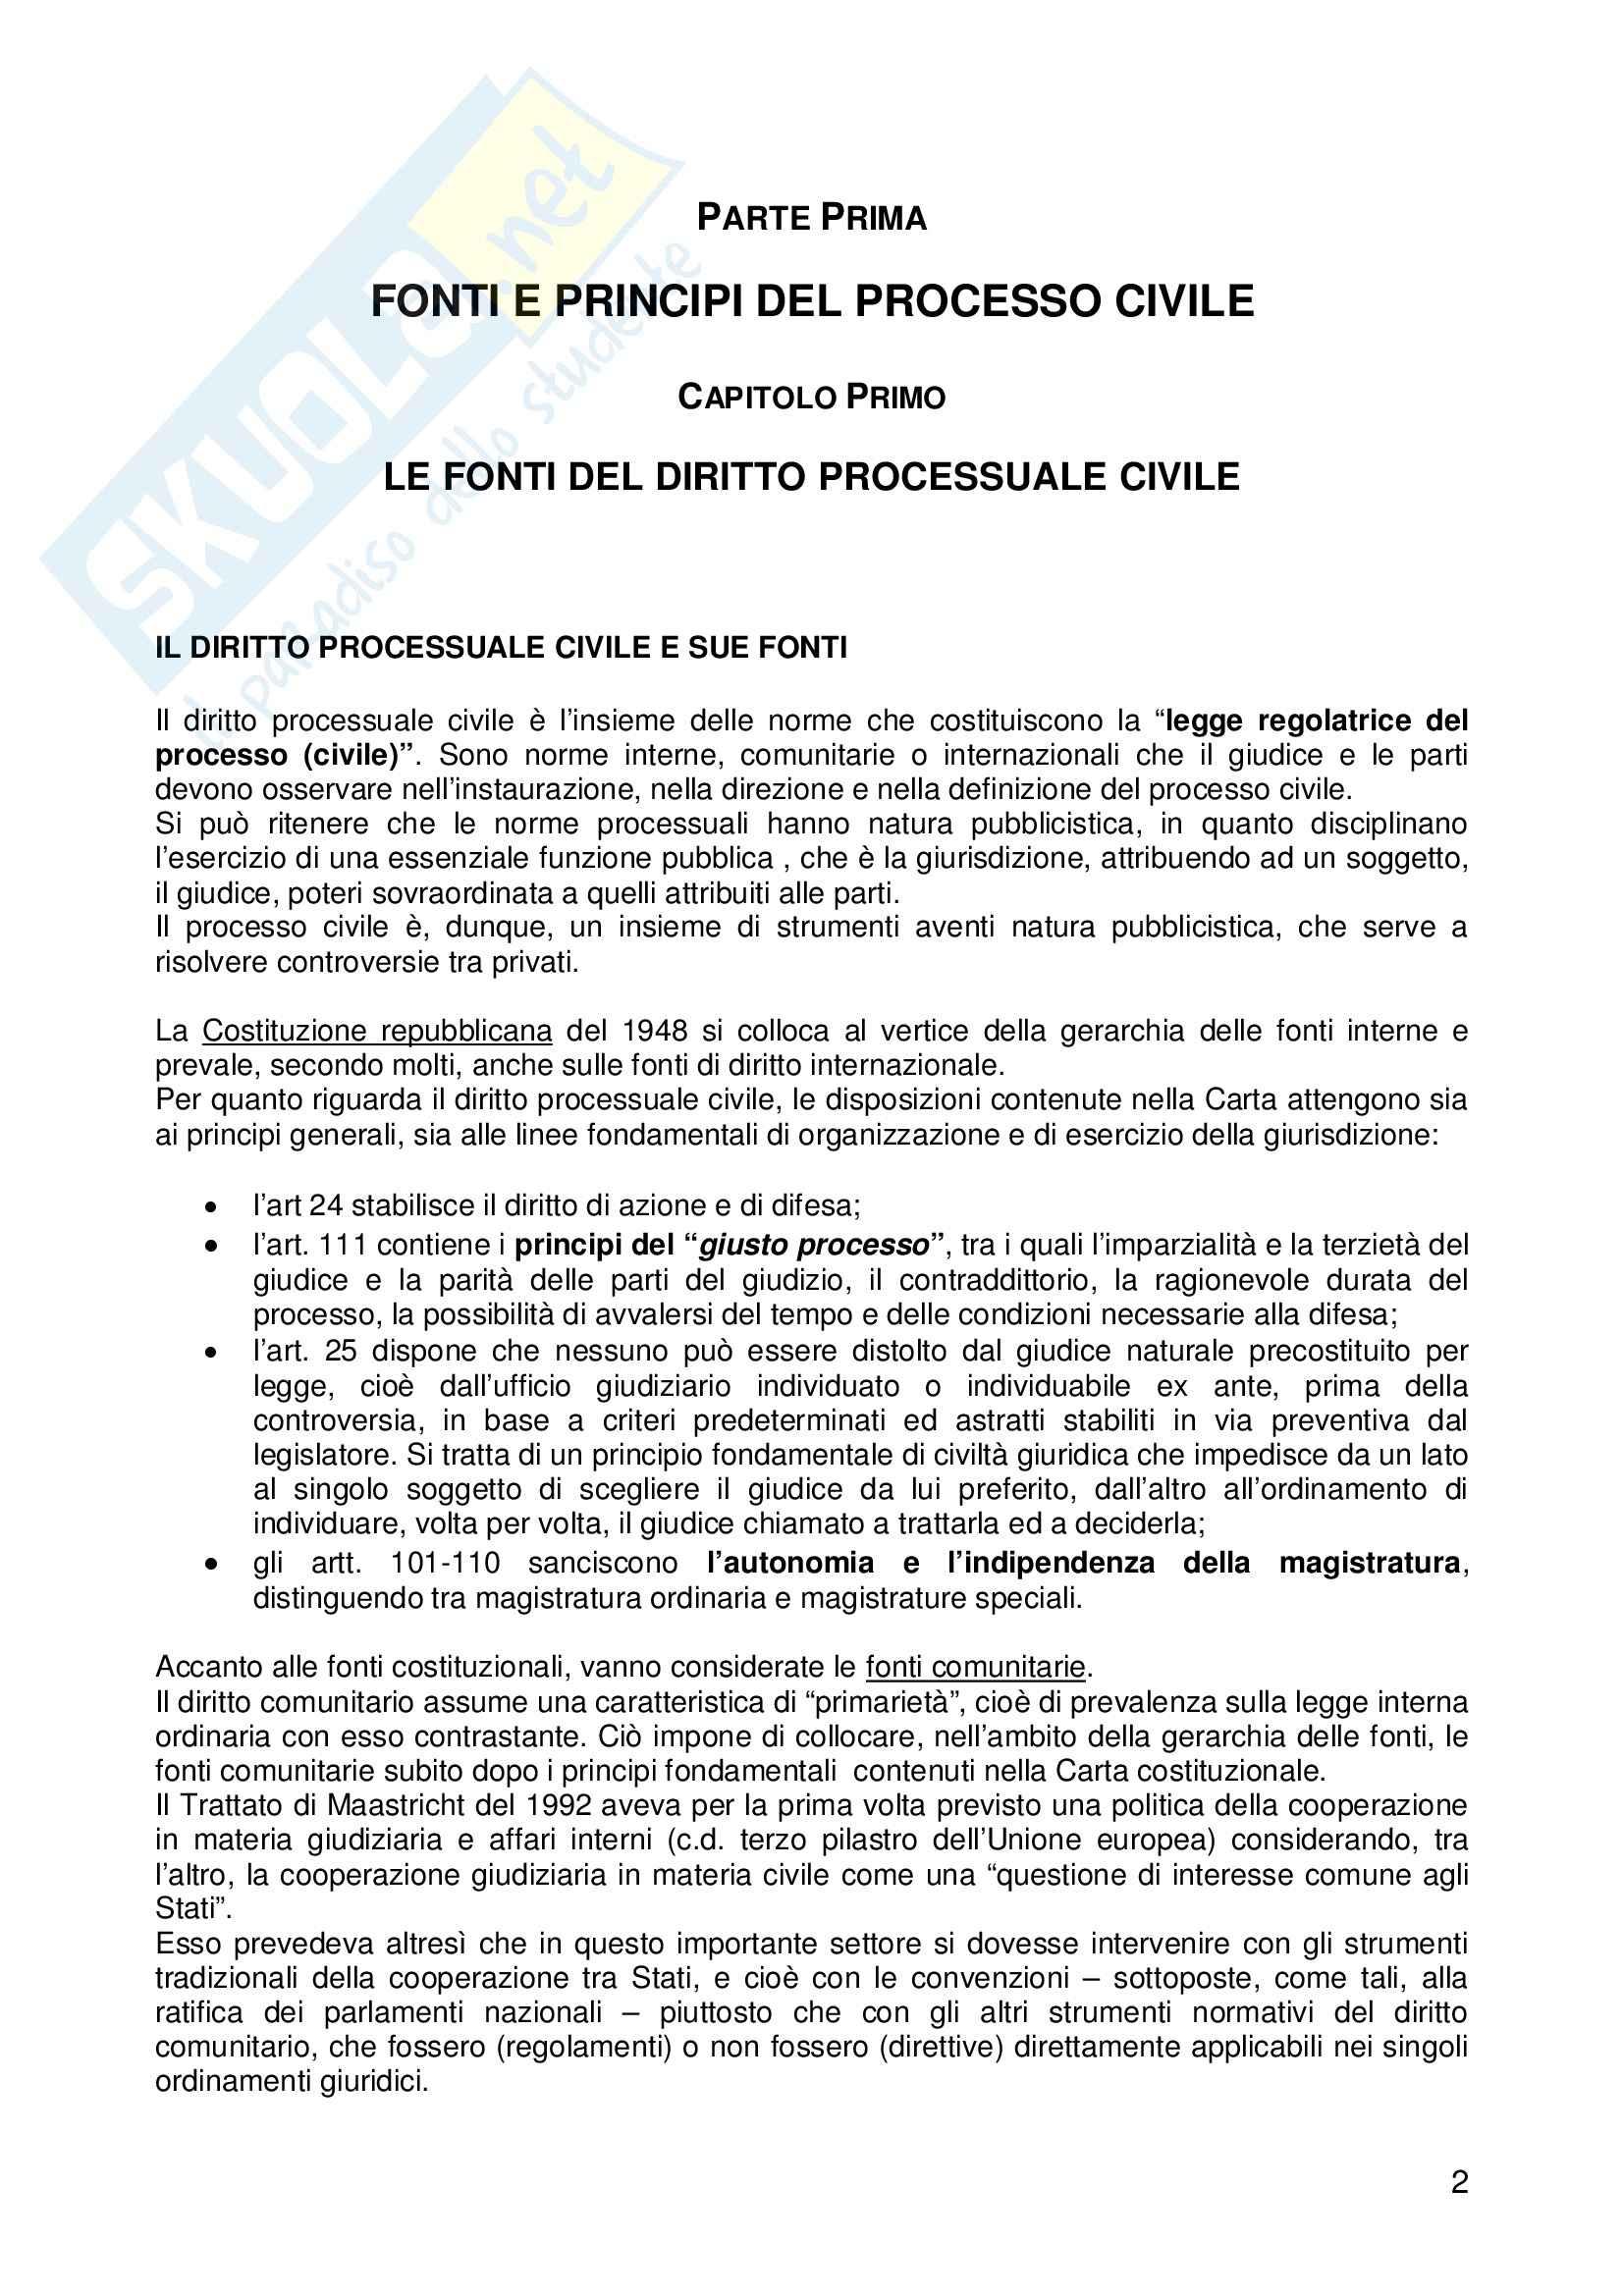 appunto G. Arieta Diritto processuale civile